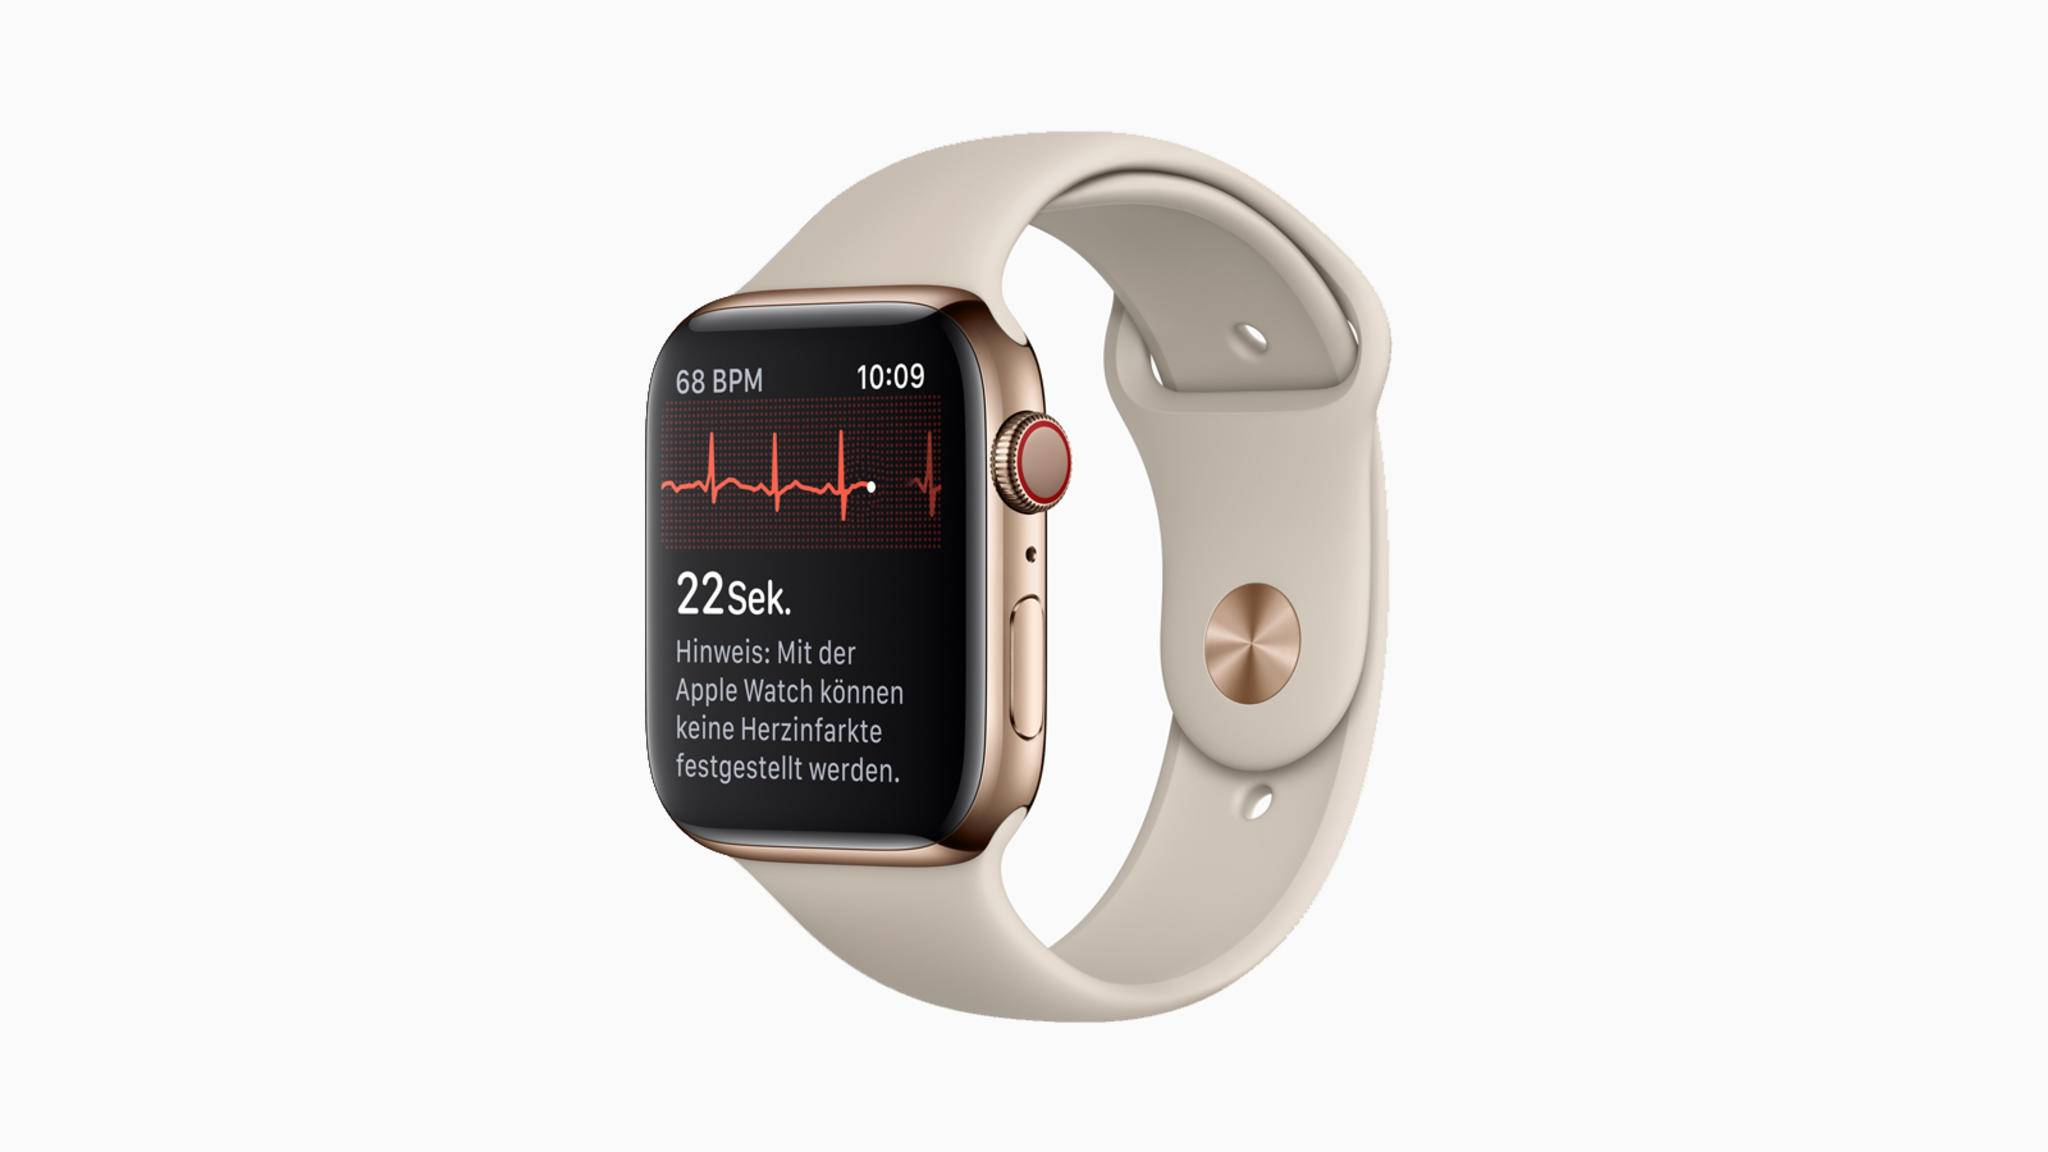 Eine Herzensangelegenheit: Apple spendiert seiner Smartwatch mit iOS 14 ein Gesundheits-Update.